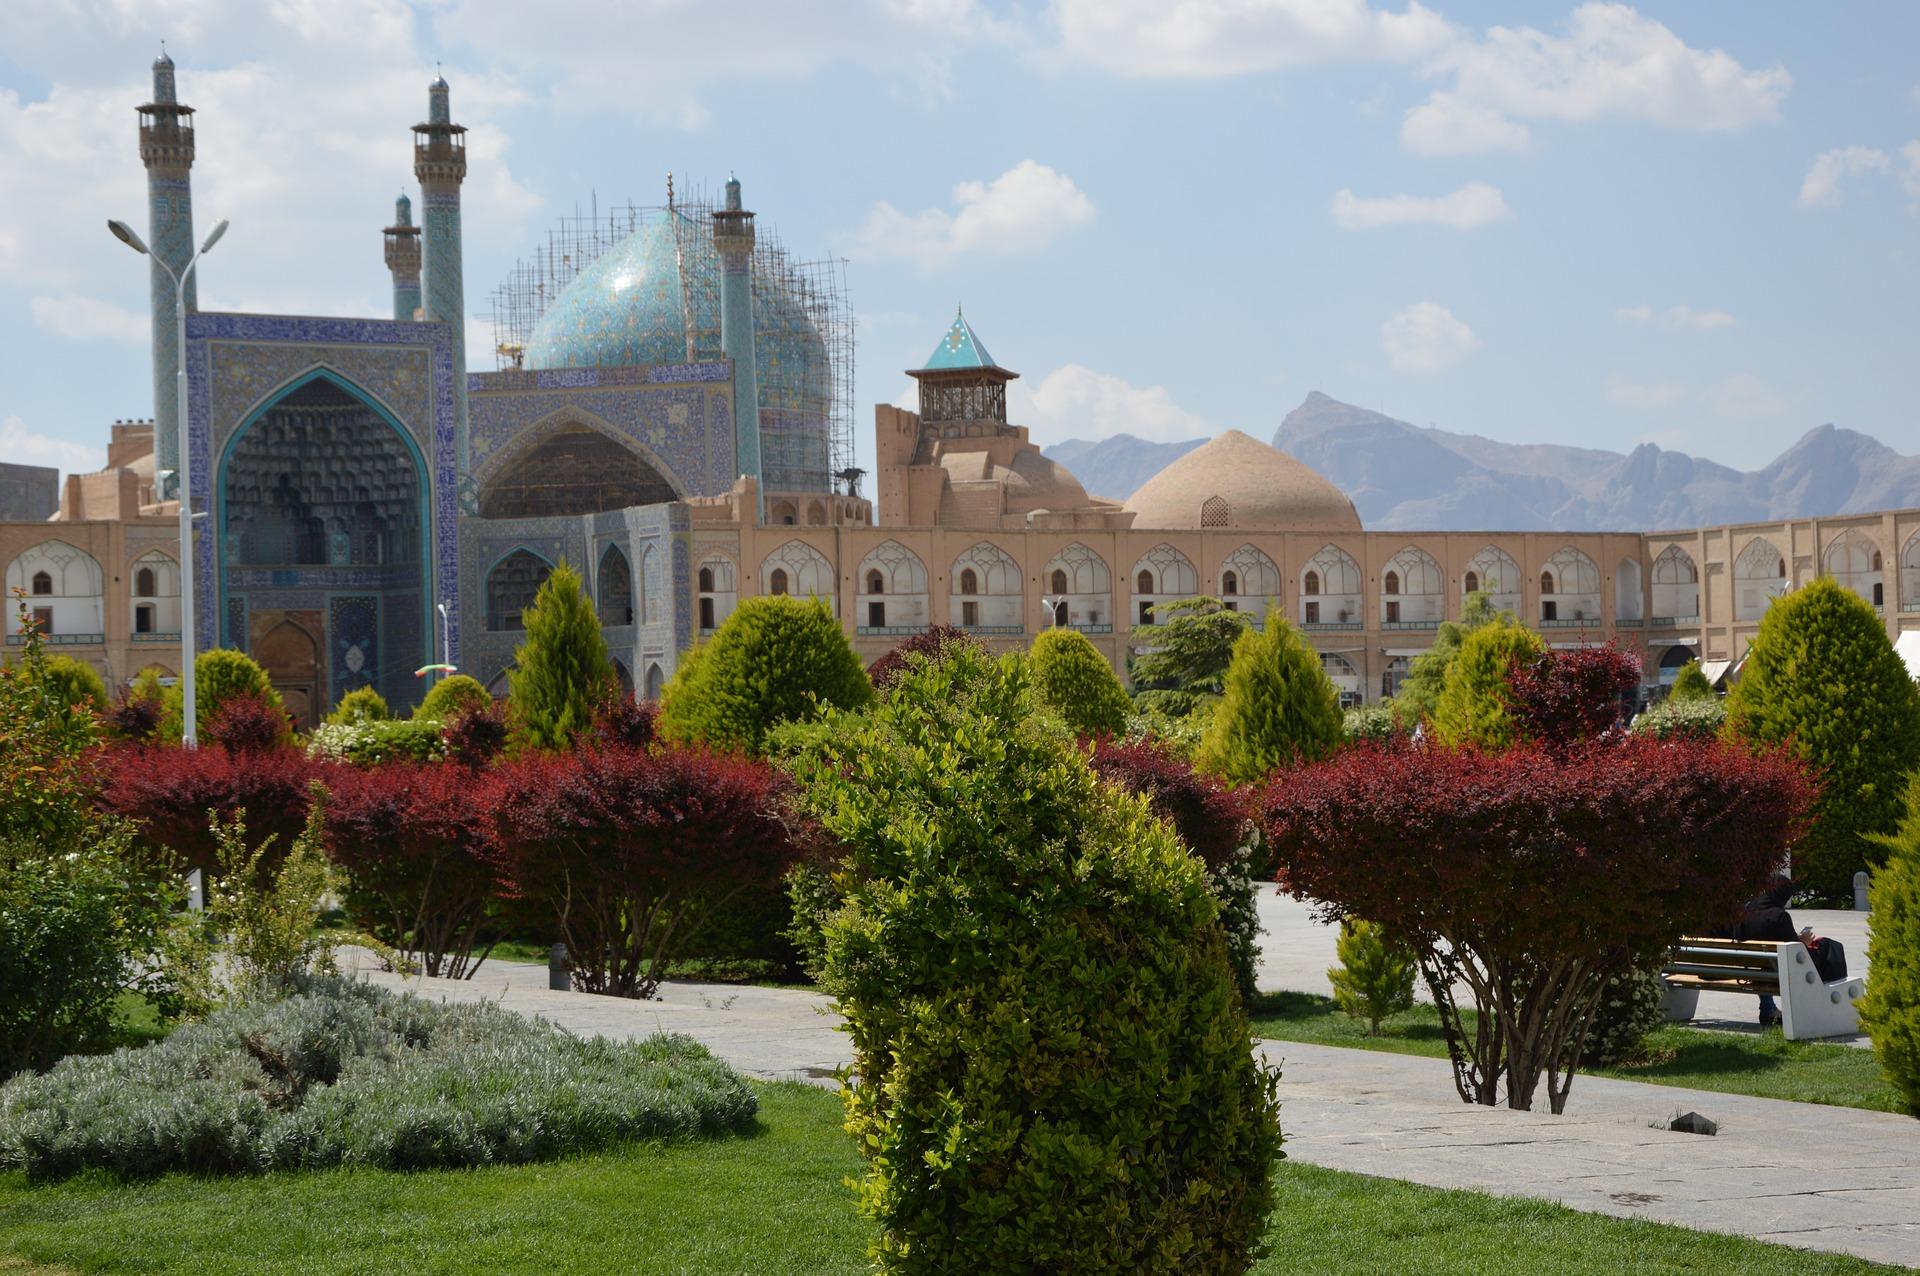 iran architecture-3362936_1920